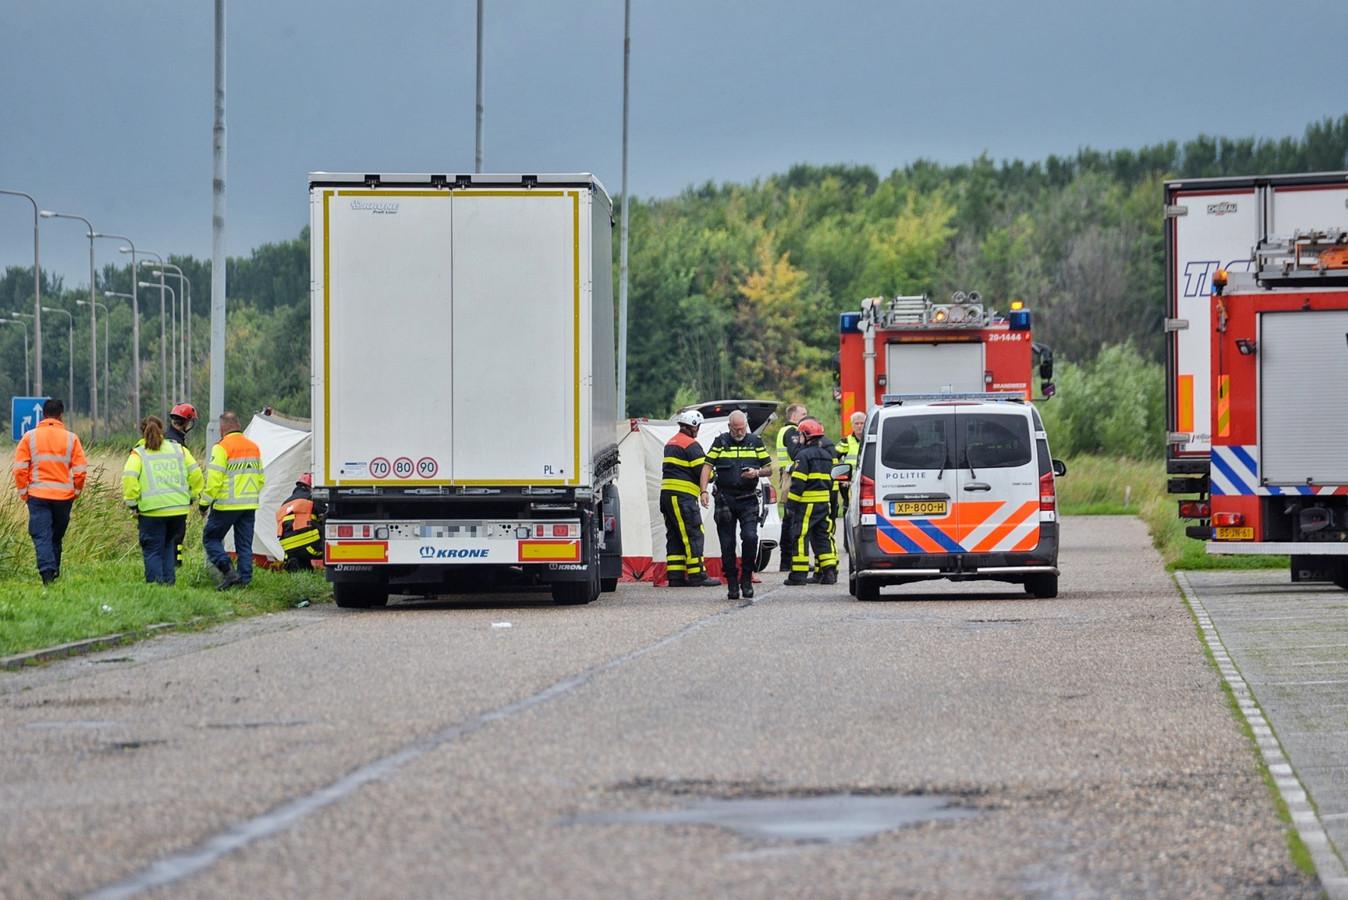 Hulpdiensten doen onderzoek bij de vrachtwagen in Ossendrecht, waar de dode man werd gevonden.